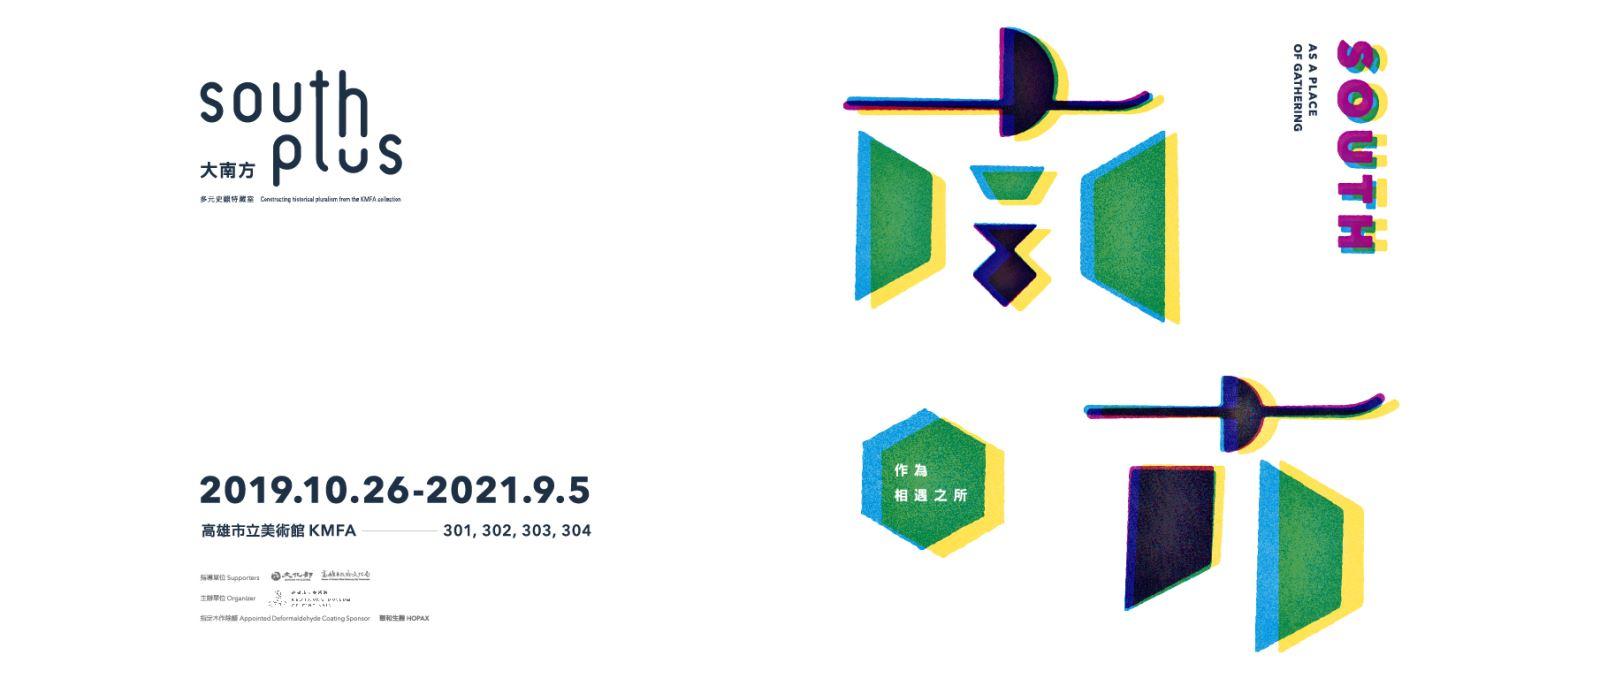 高雄市立美術館:2019/10/26-2021/09/05【大南方多元史觀特藏室 首部曲《南方作為相遇之所》】